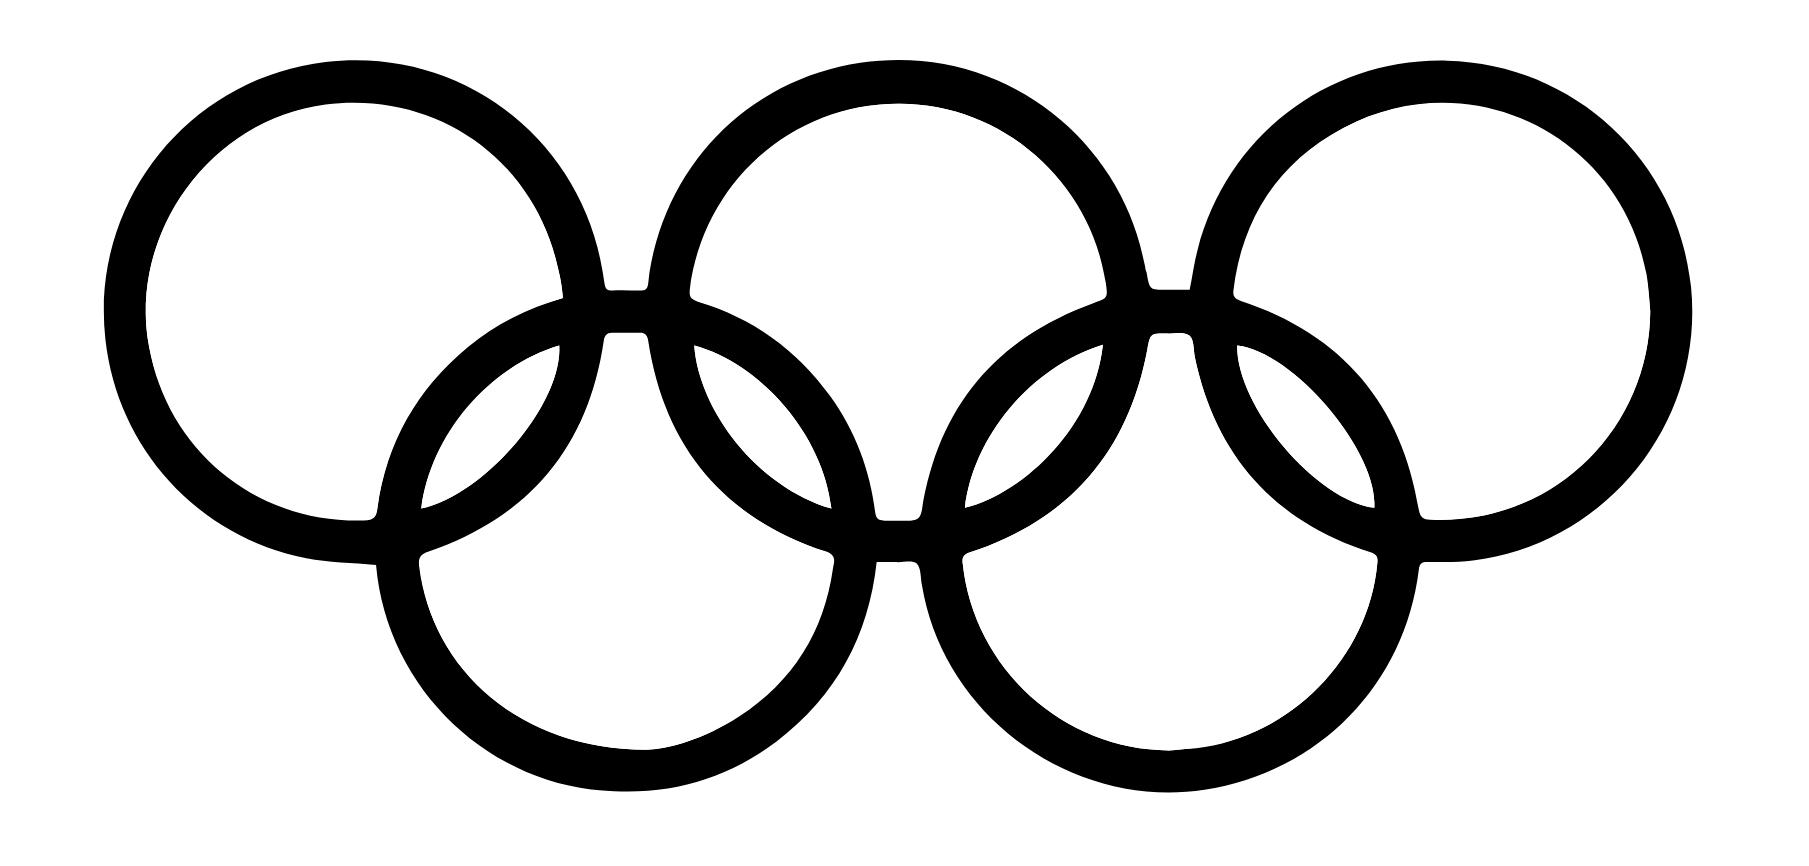 otro de los principios de diseño gestalt, el principio de pragnanz se ilustra con el logotipo de las Olimpiadas